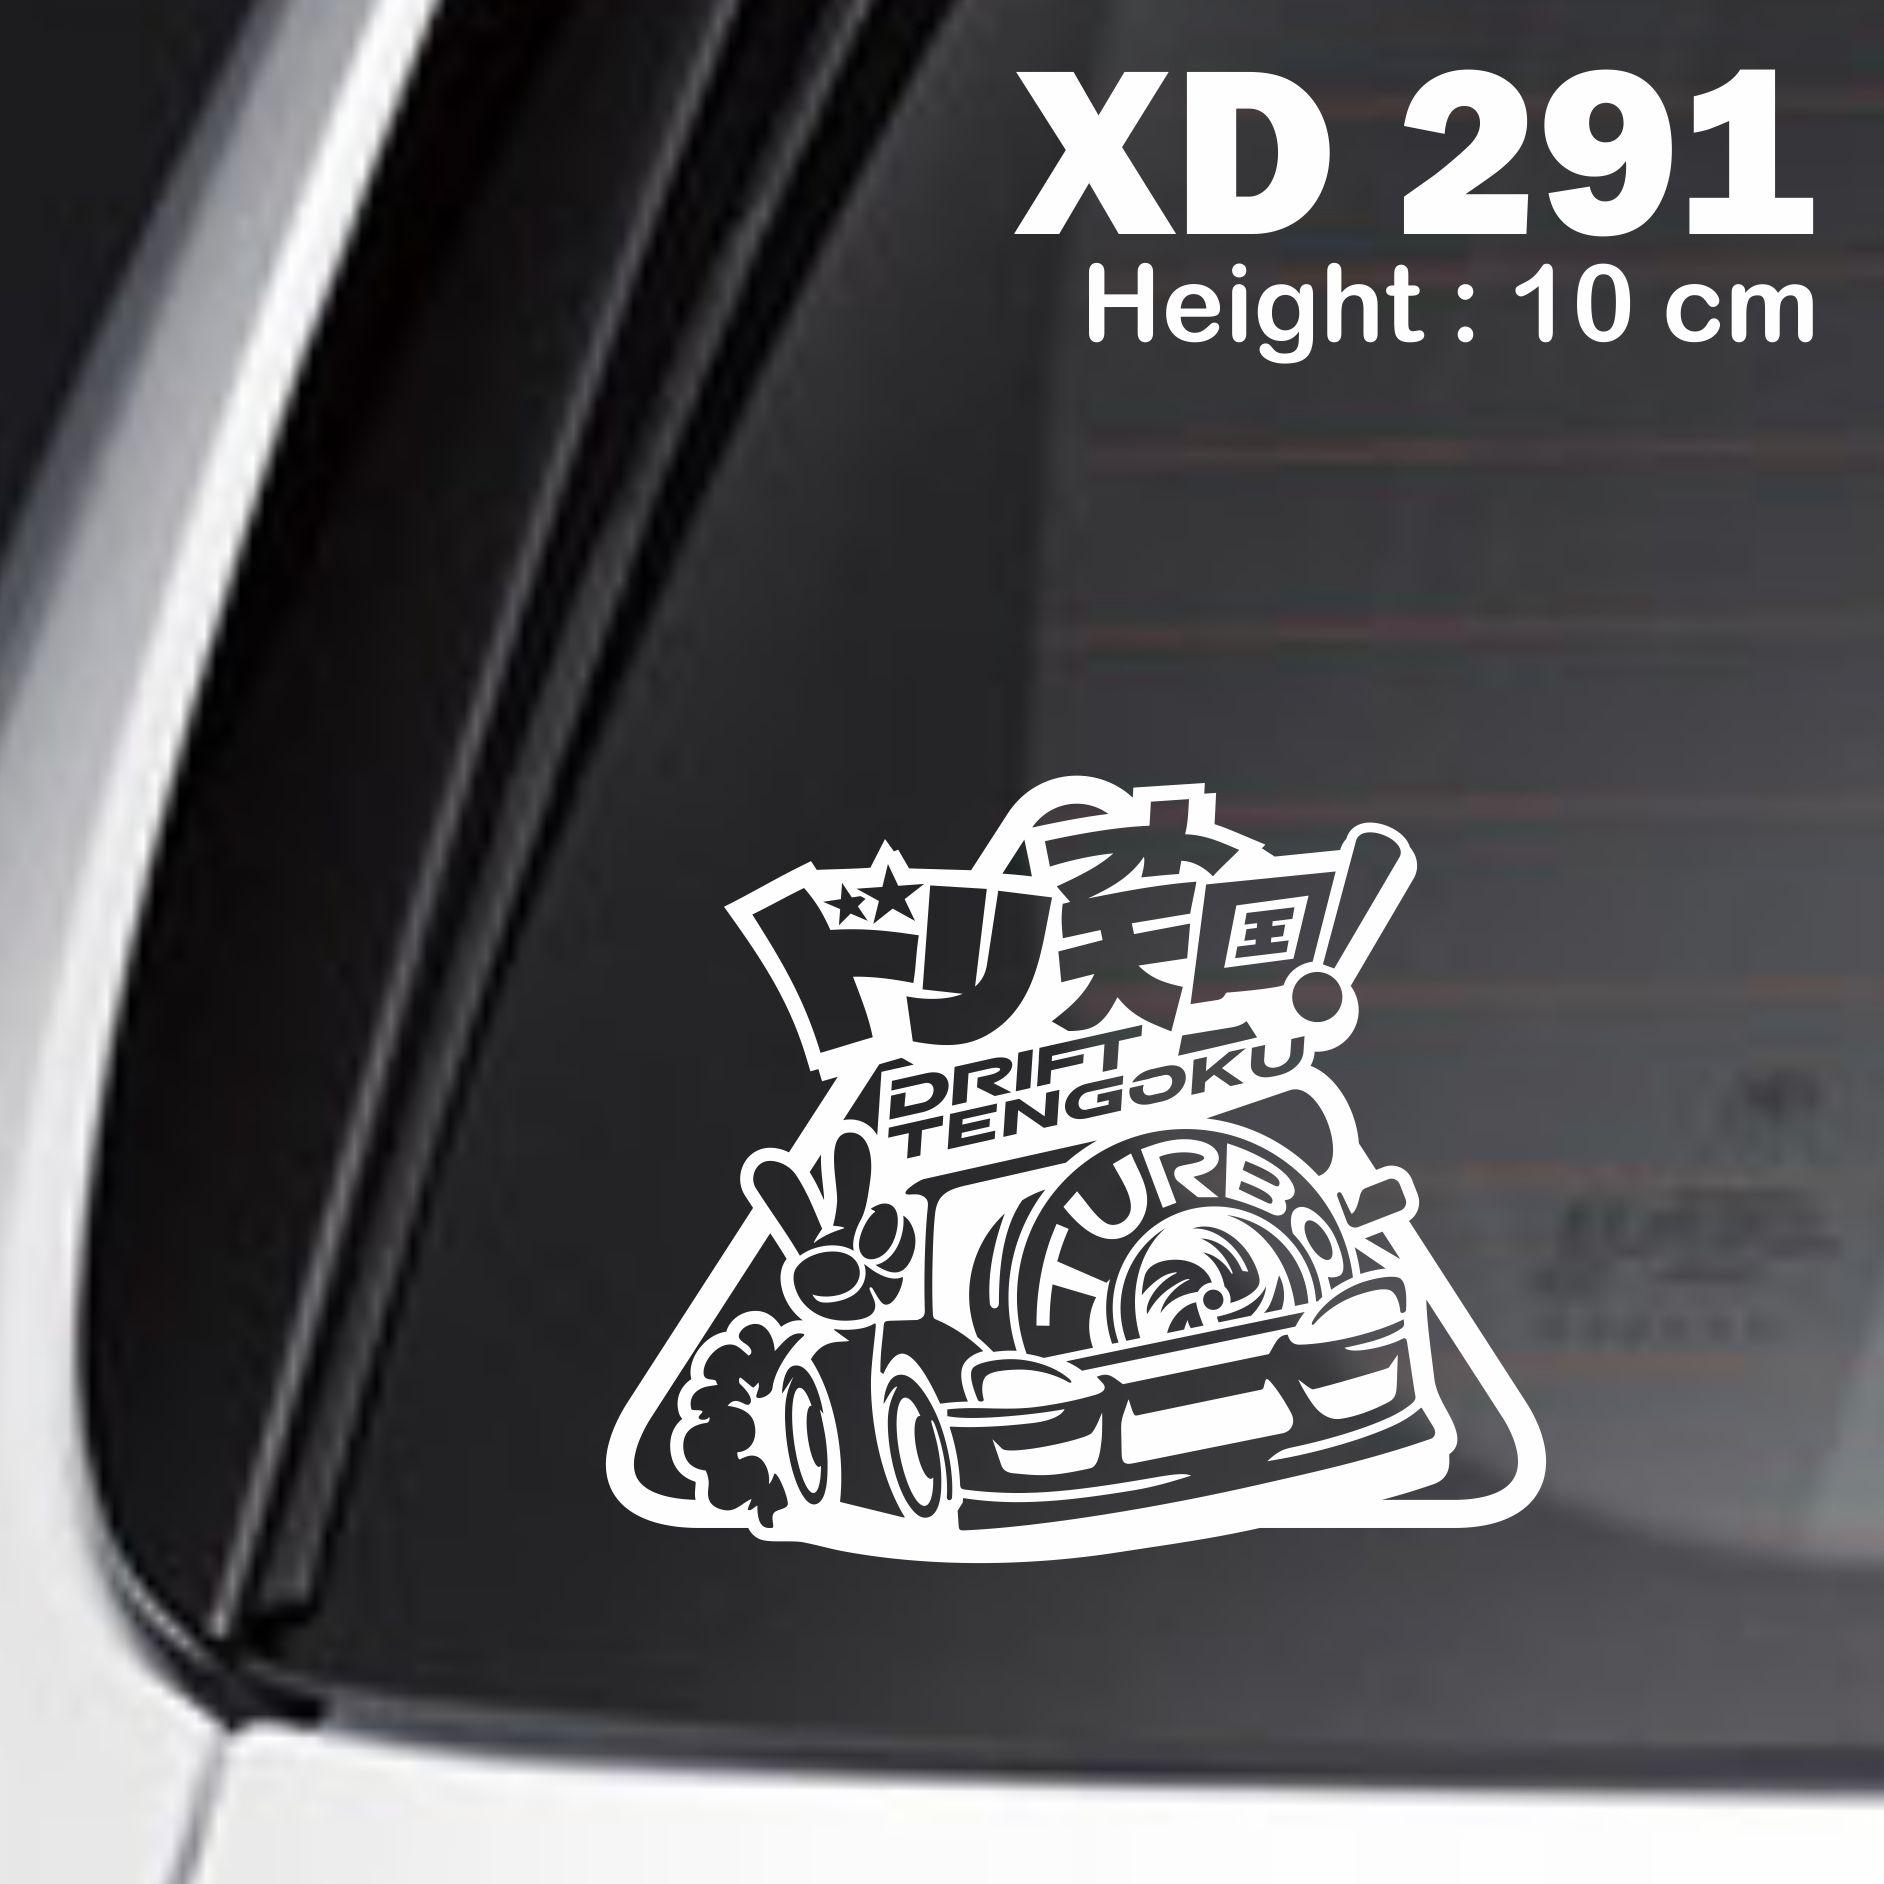 sticker mobil jdm drift tangoku turbo otomotif nismo civic jazz XD-291